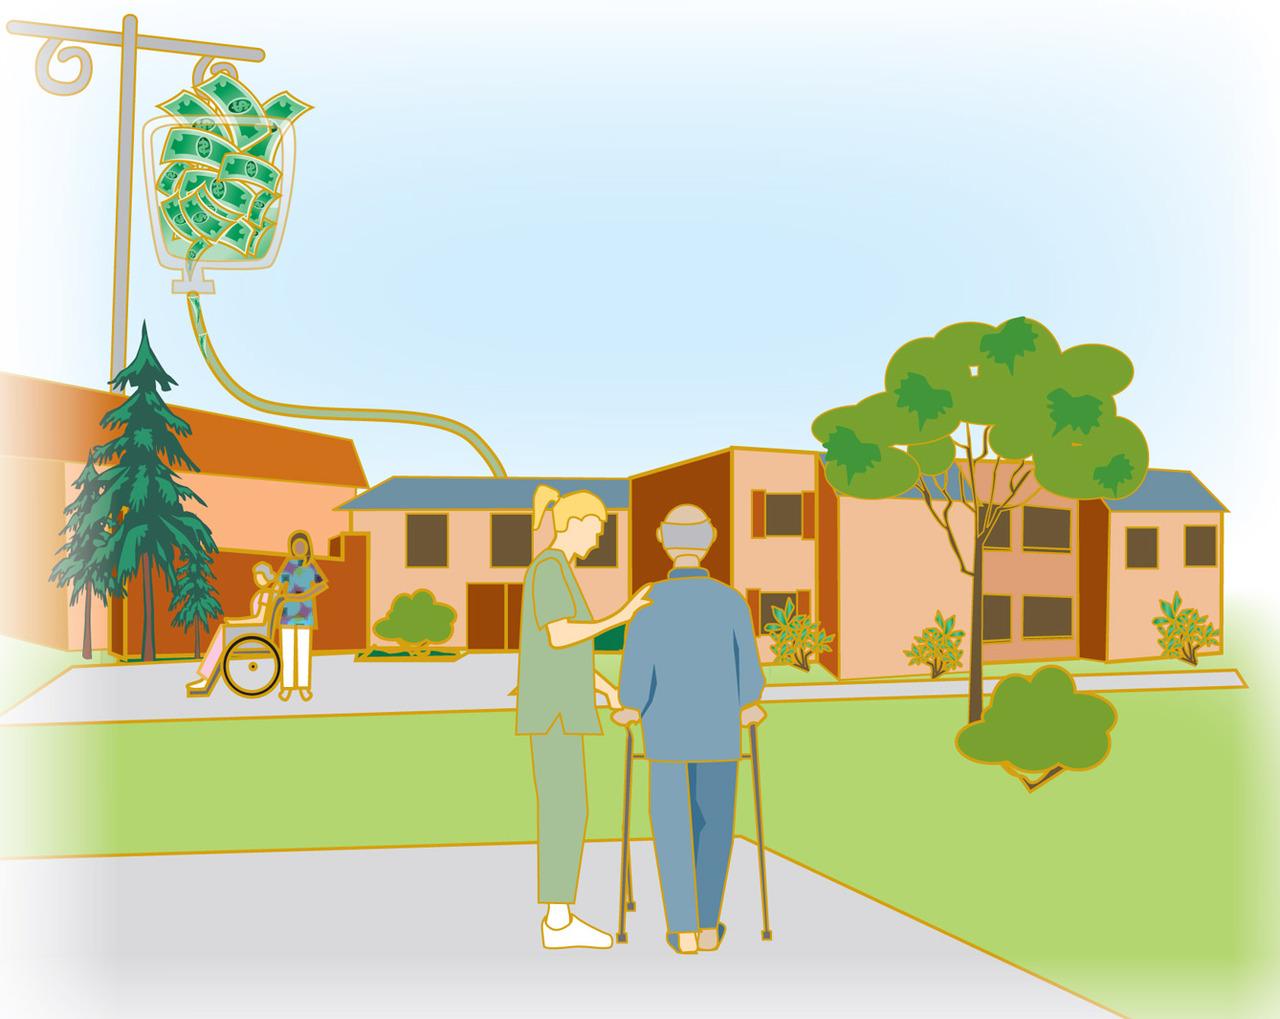 Facilities clipart vector Free Strong Nurse Cliparts, Download Free Clip Art, Free Clip Art on ... vector